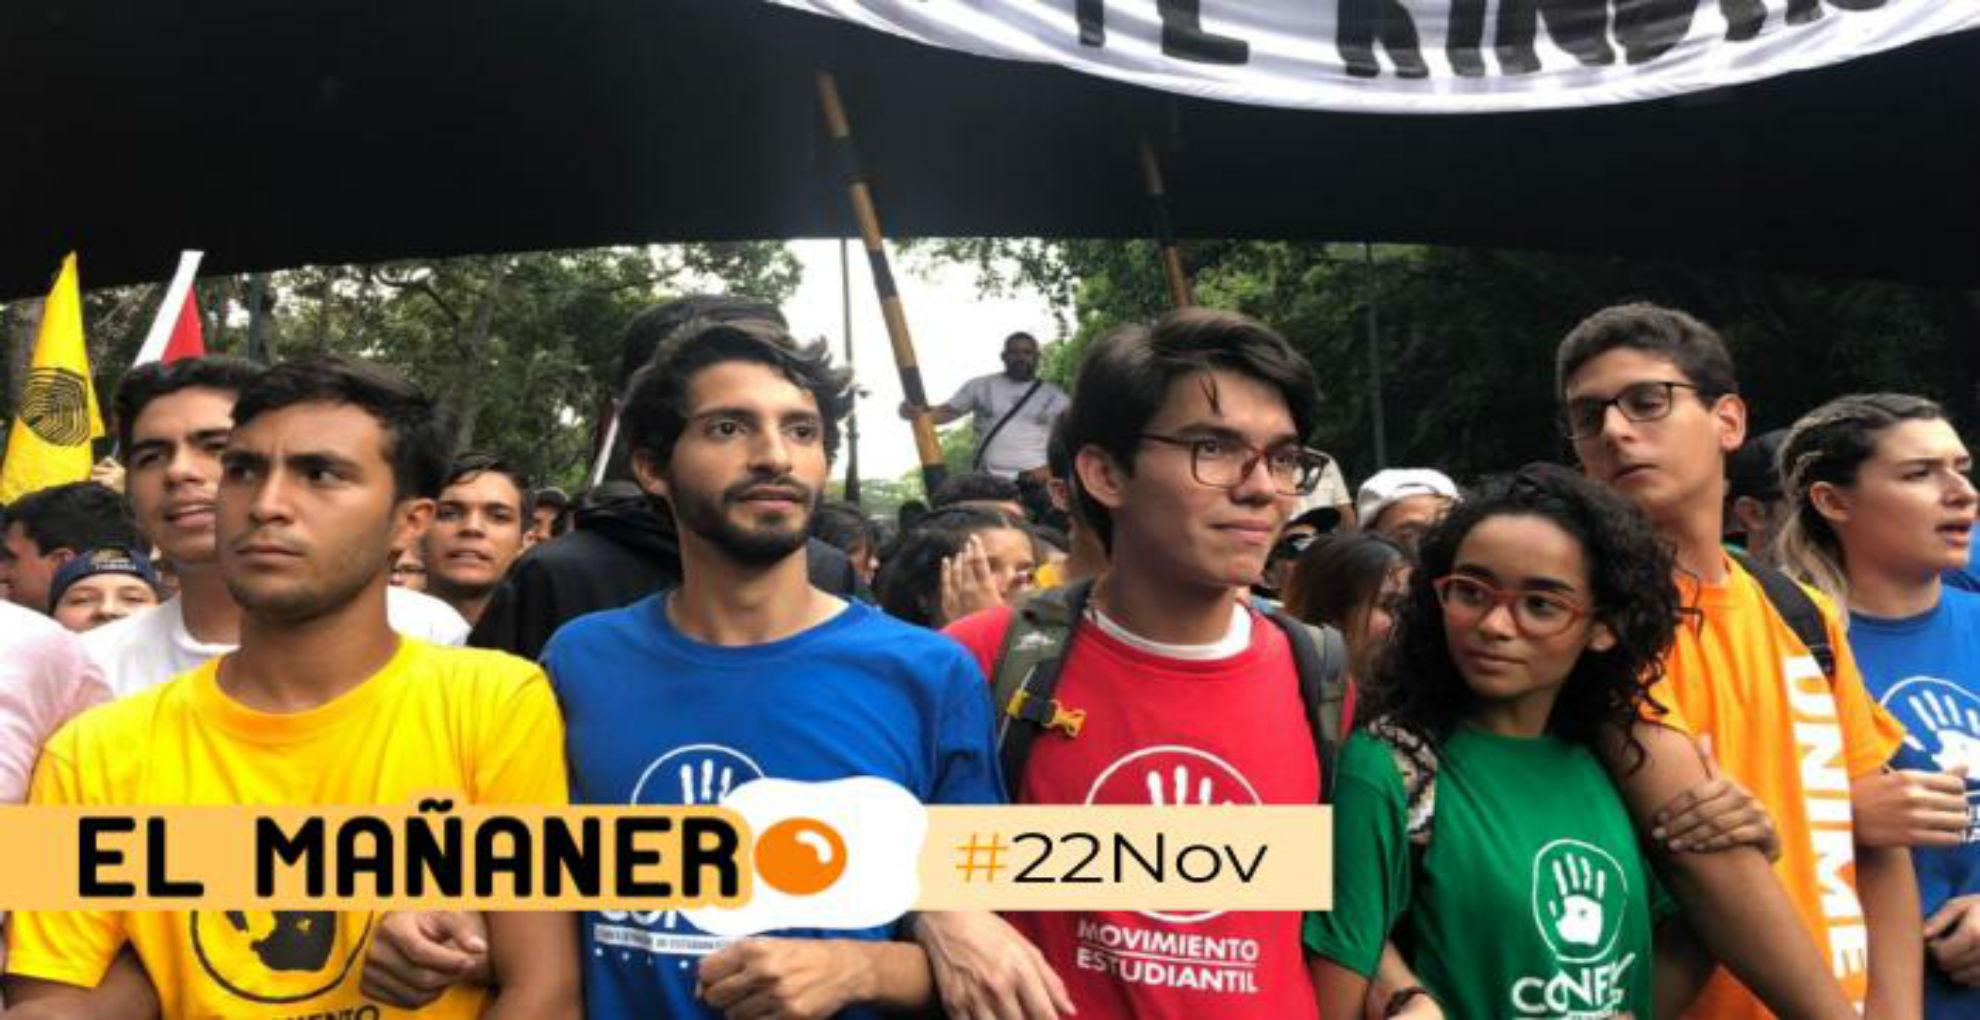 El Mañanero de hoy #22Nov: Las 8 noticias que debes saber